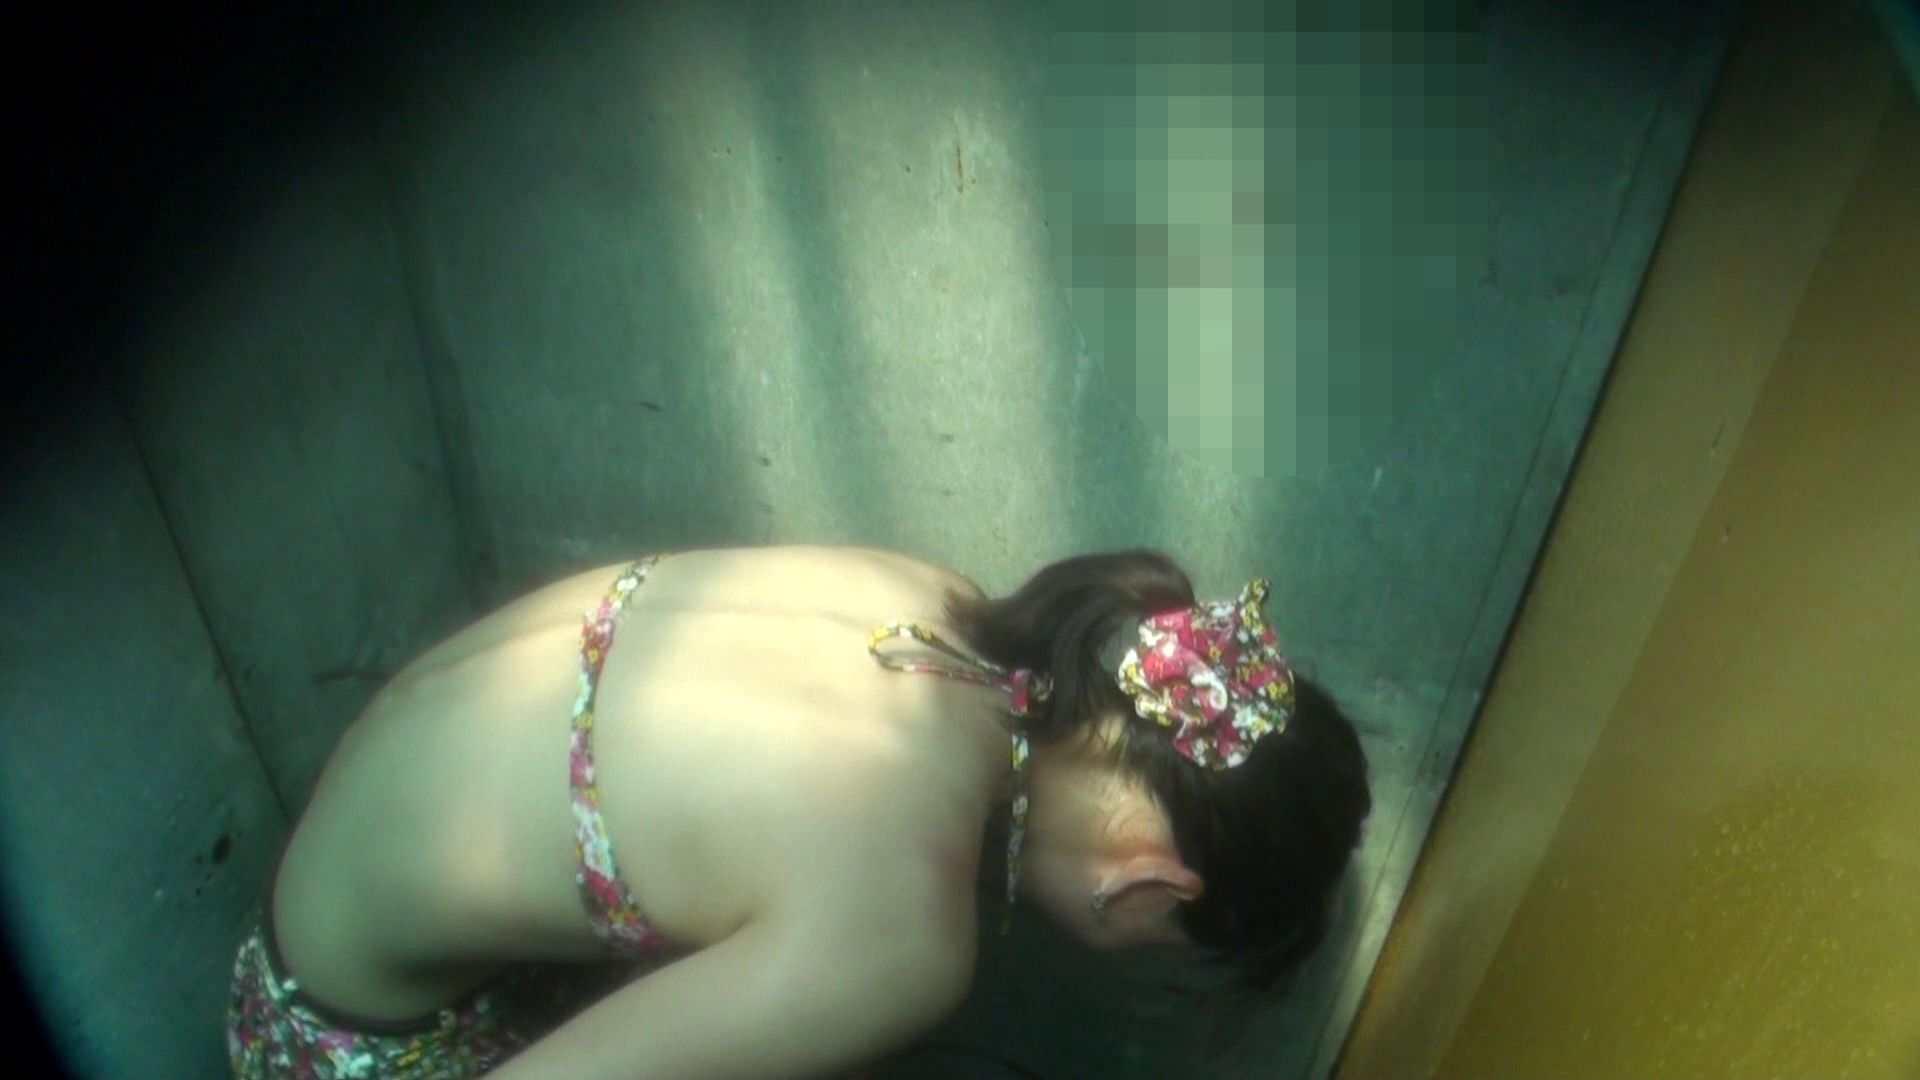 シャワールームは超!!危険な香りVol.16 意外に乳首は年増のそれ 乳首ポロリ  108画像 8